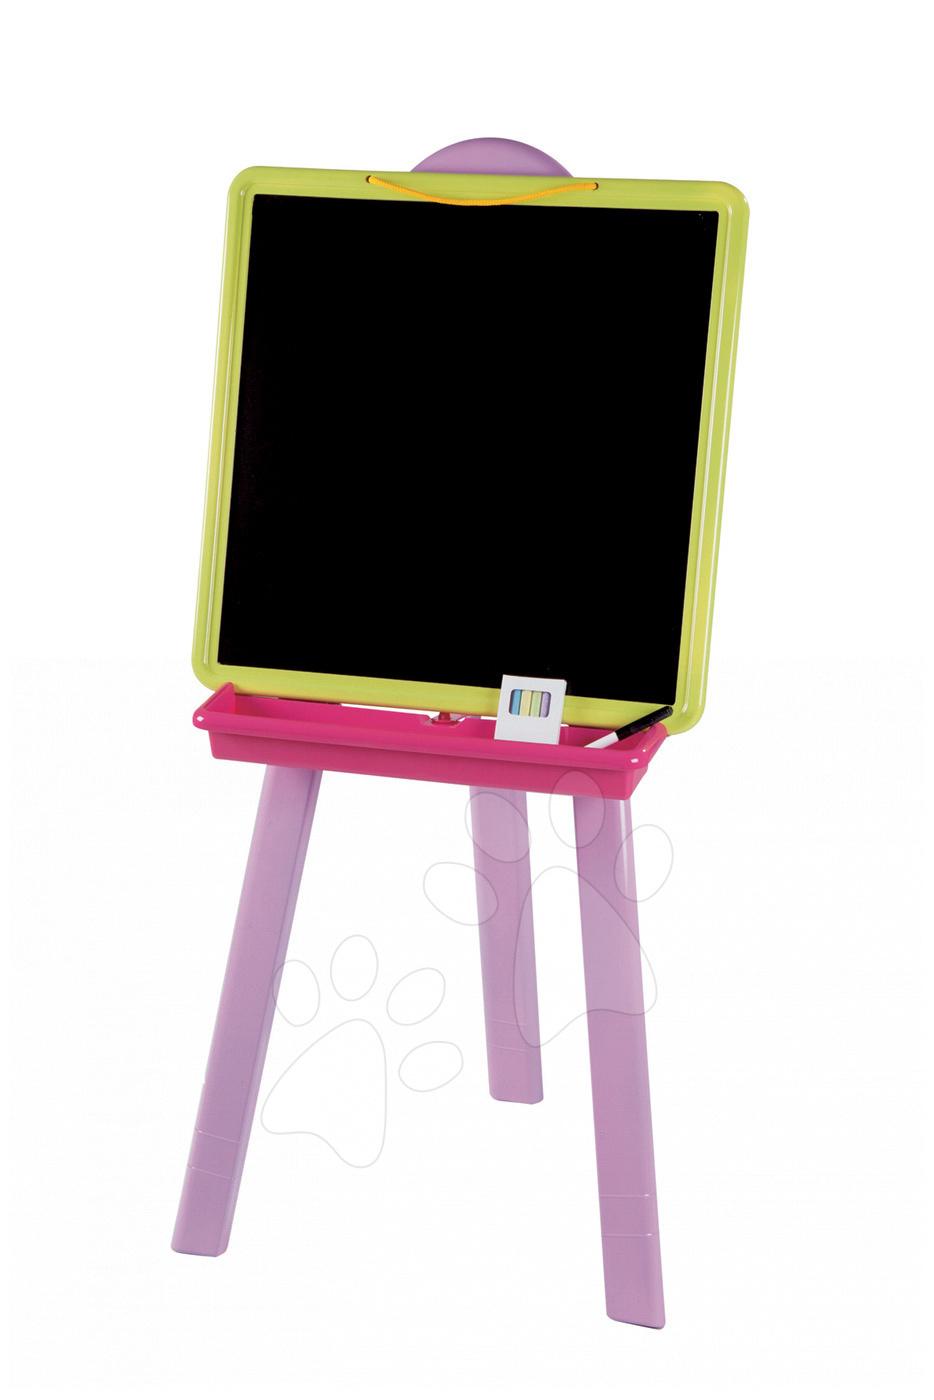 Školské tabule - Školská tabuľa 2v1 Smoby magnetická, obojstranná na zavesenie so 7 doplnkami ružovo-zelená